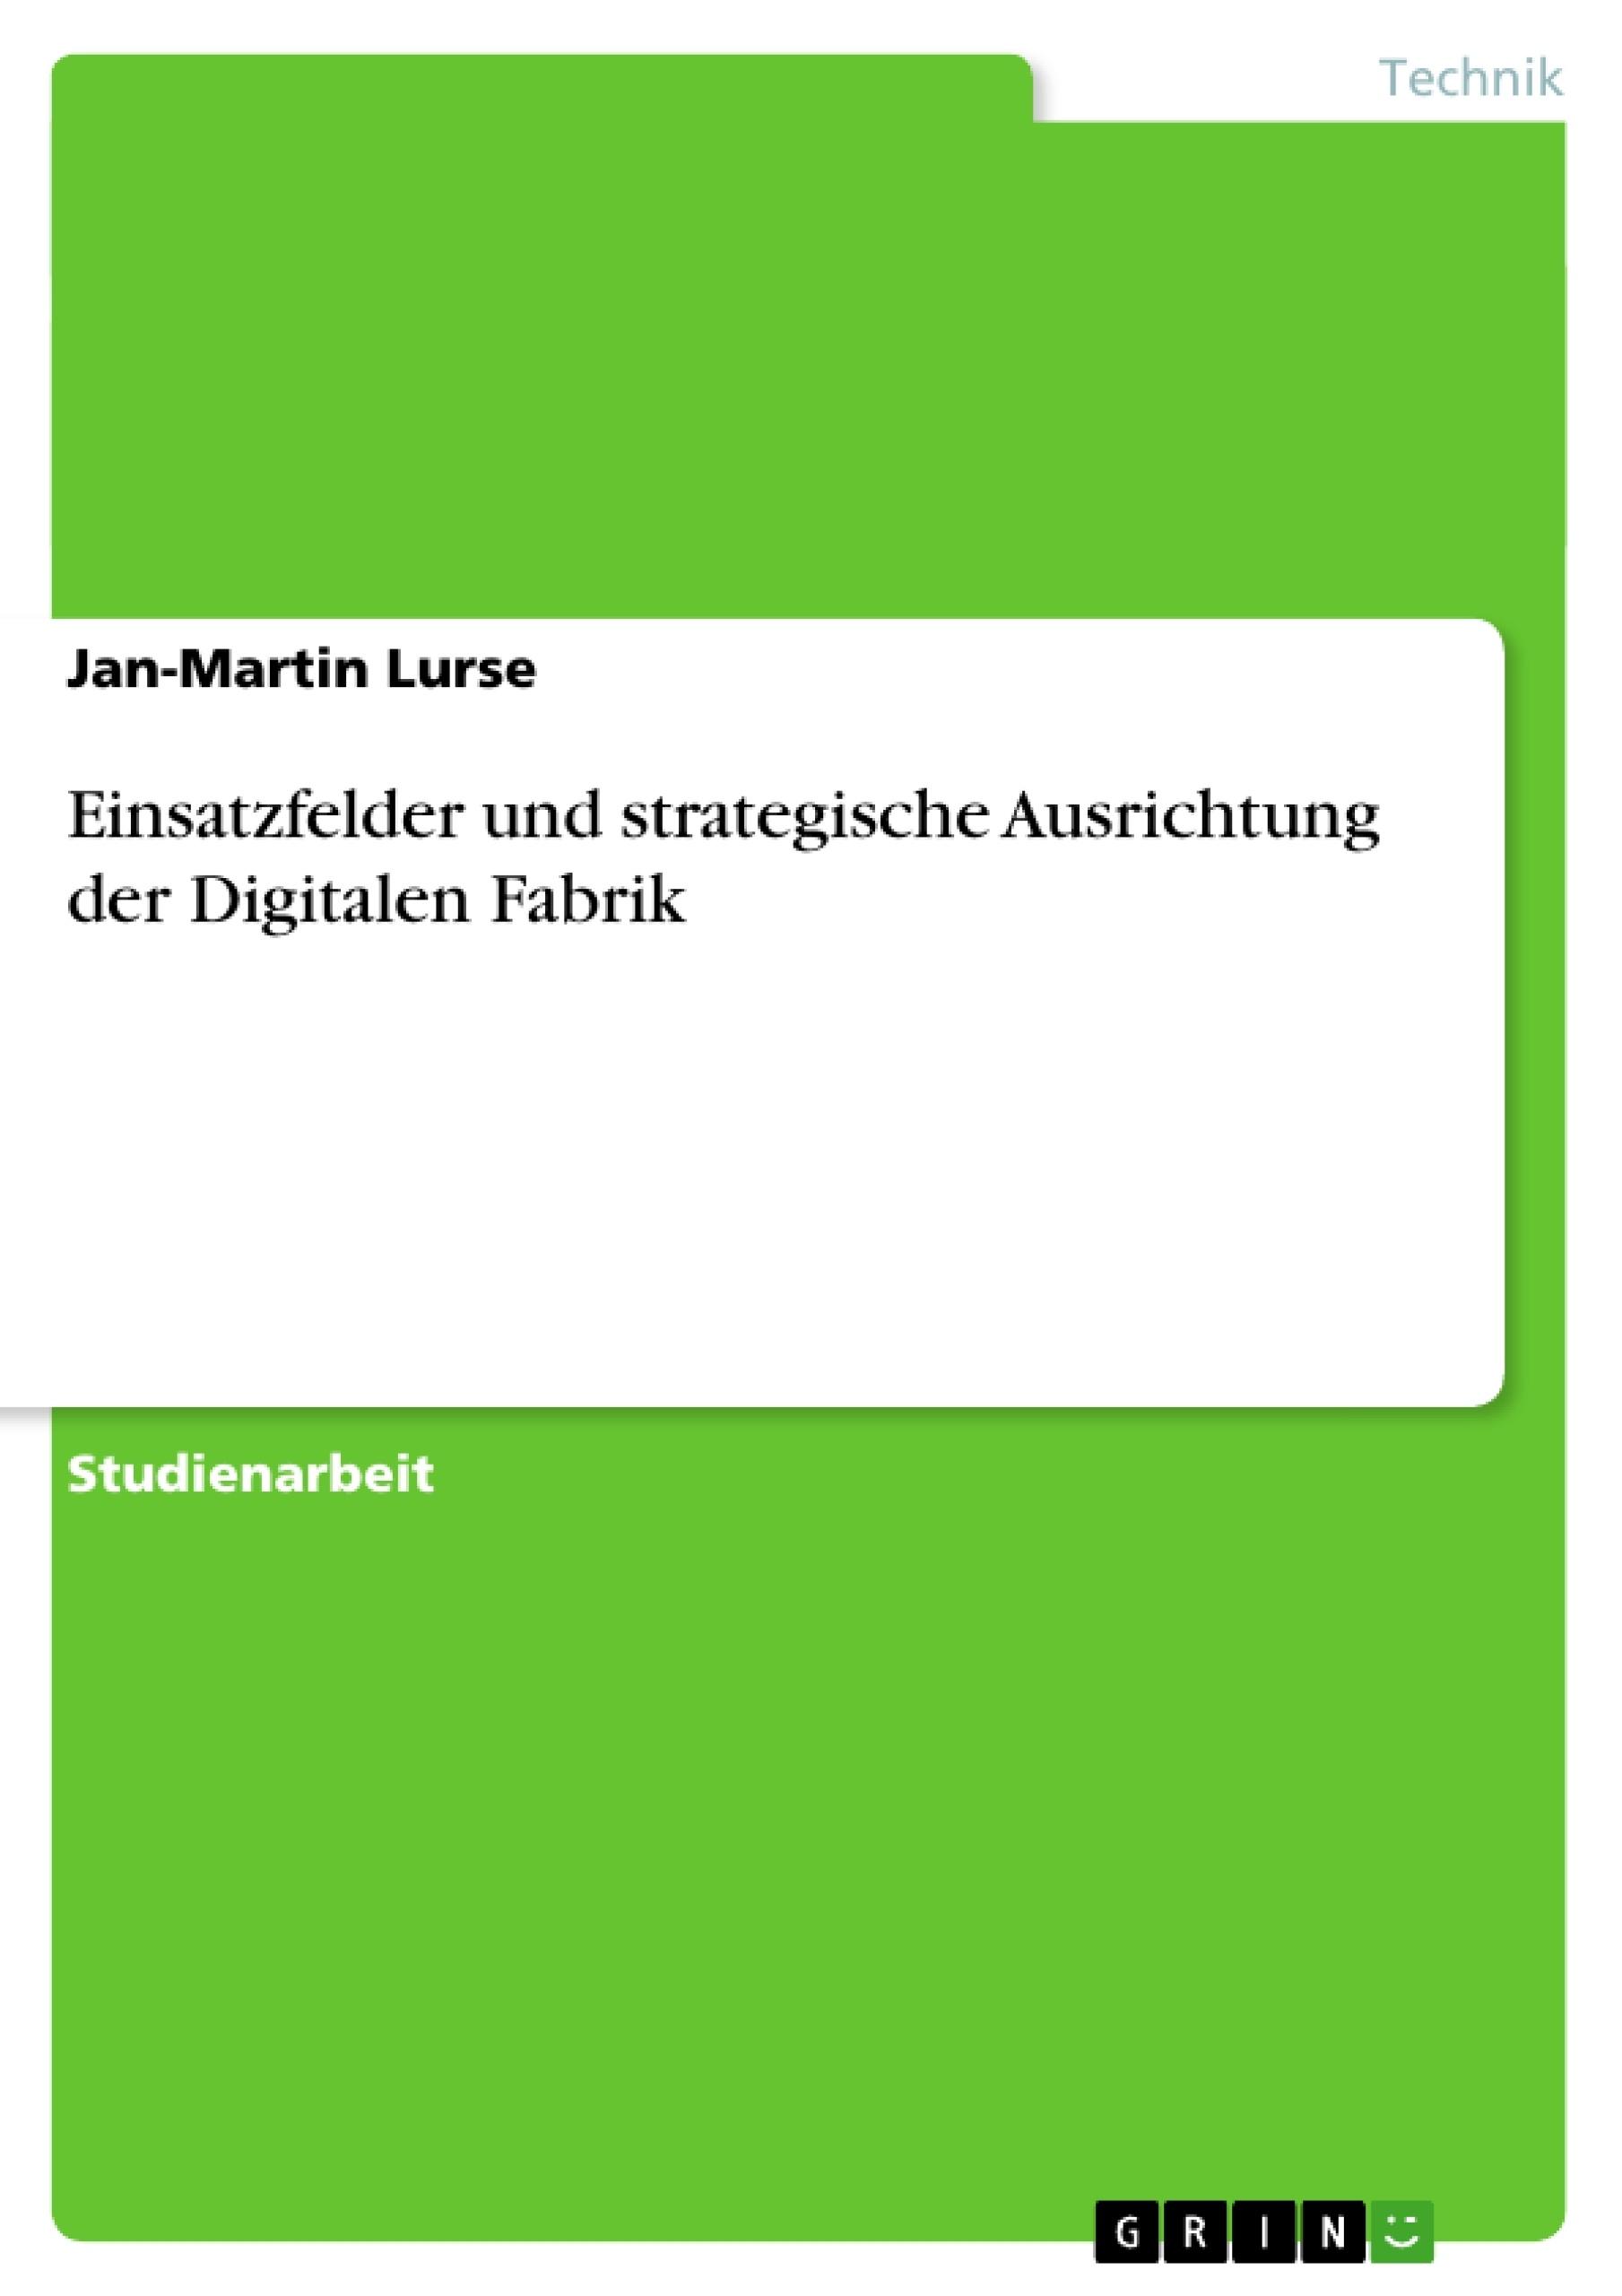 Titel: Einsatzfelder und strategische Ausrichtung der Digitalen Fabrik